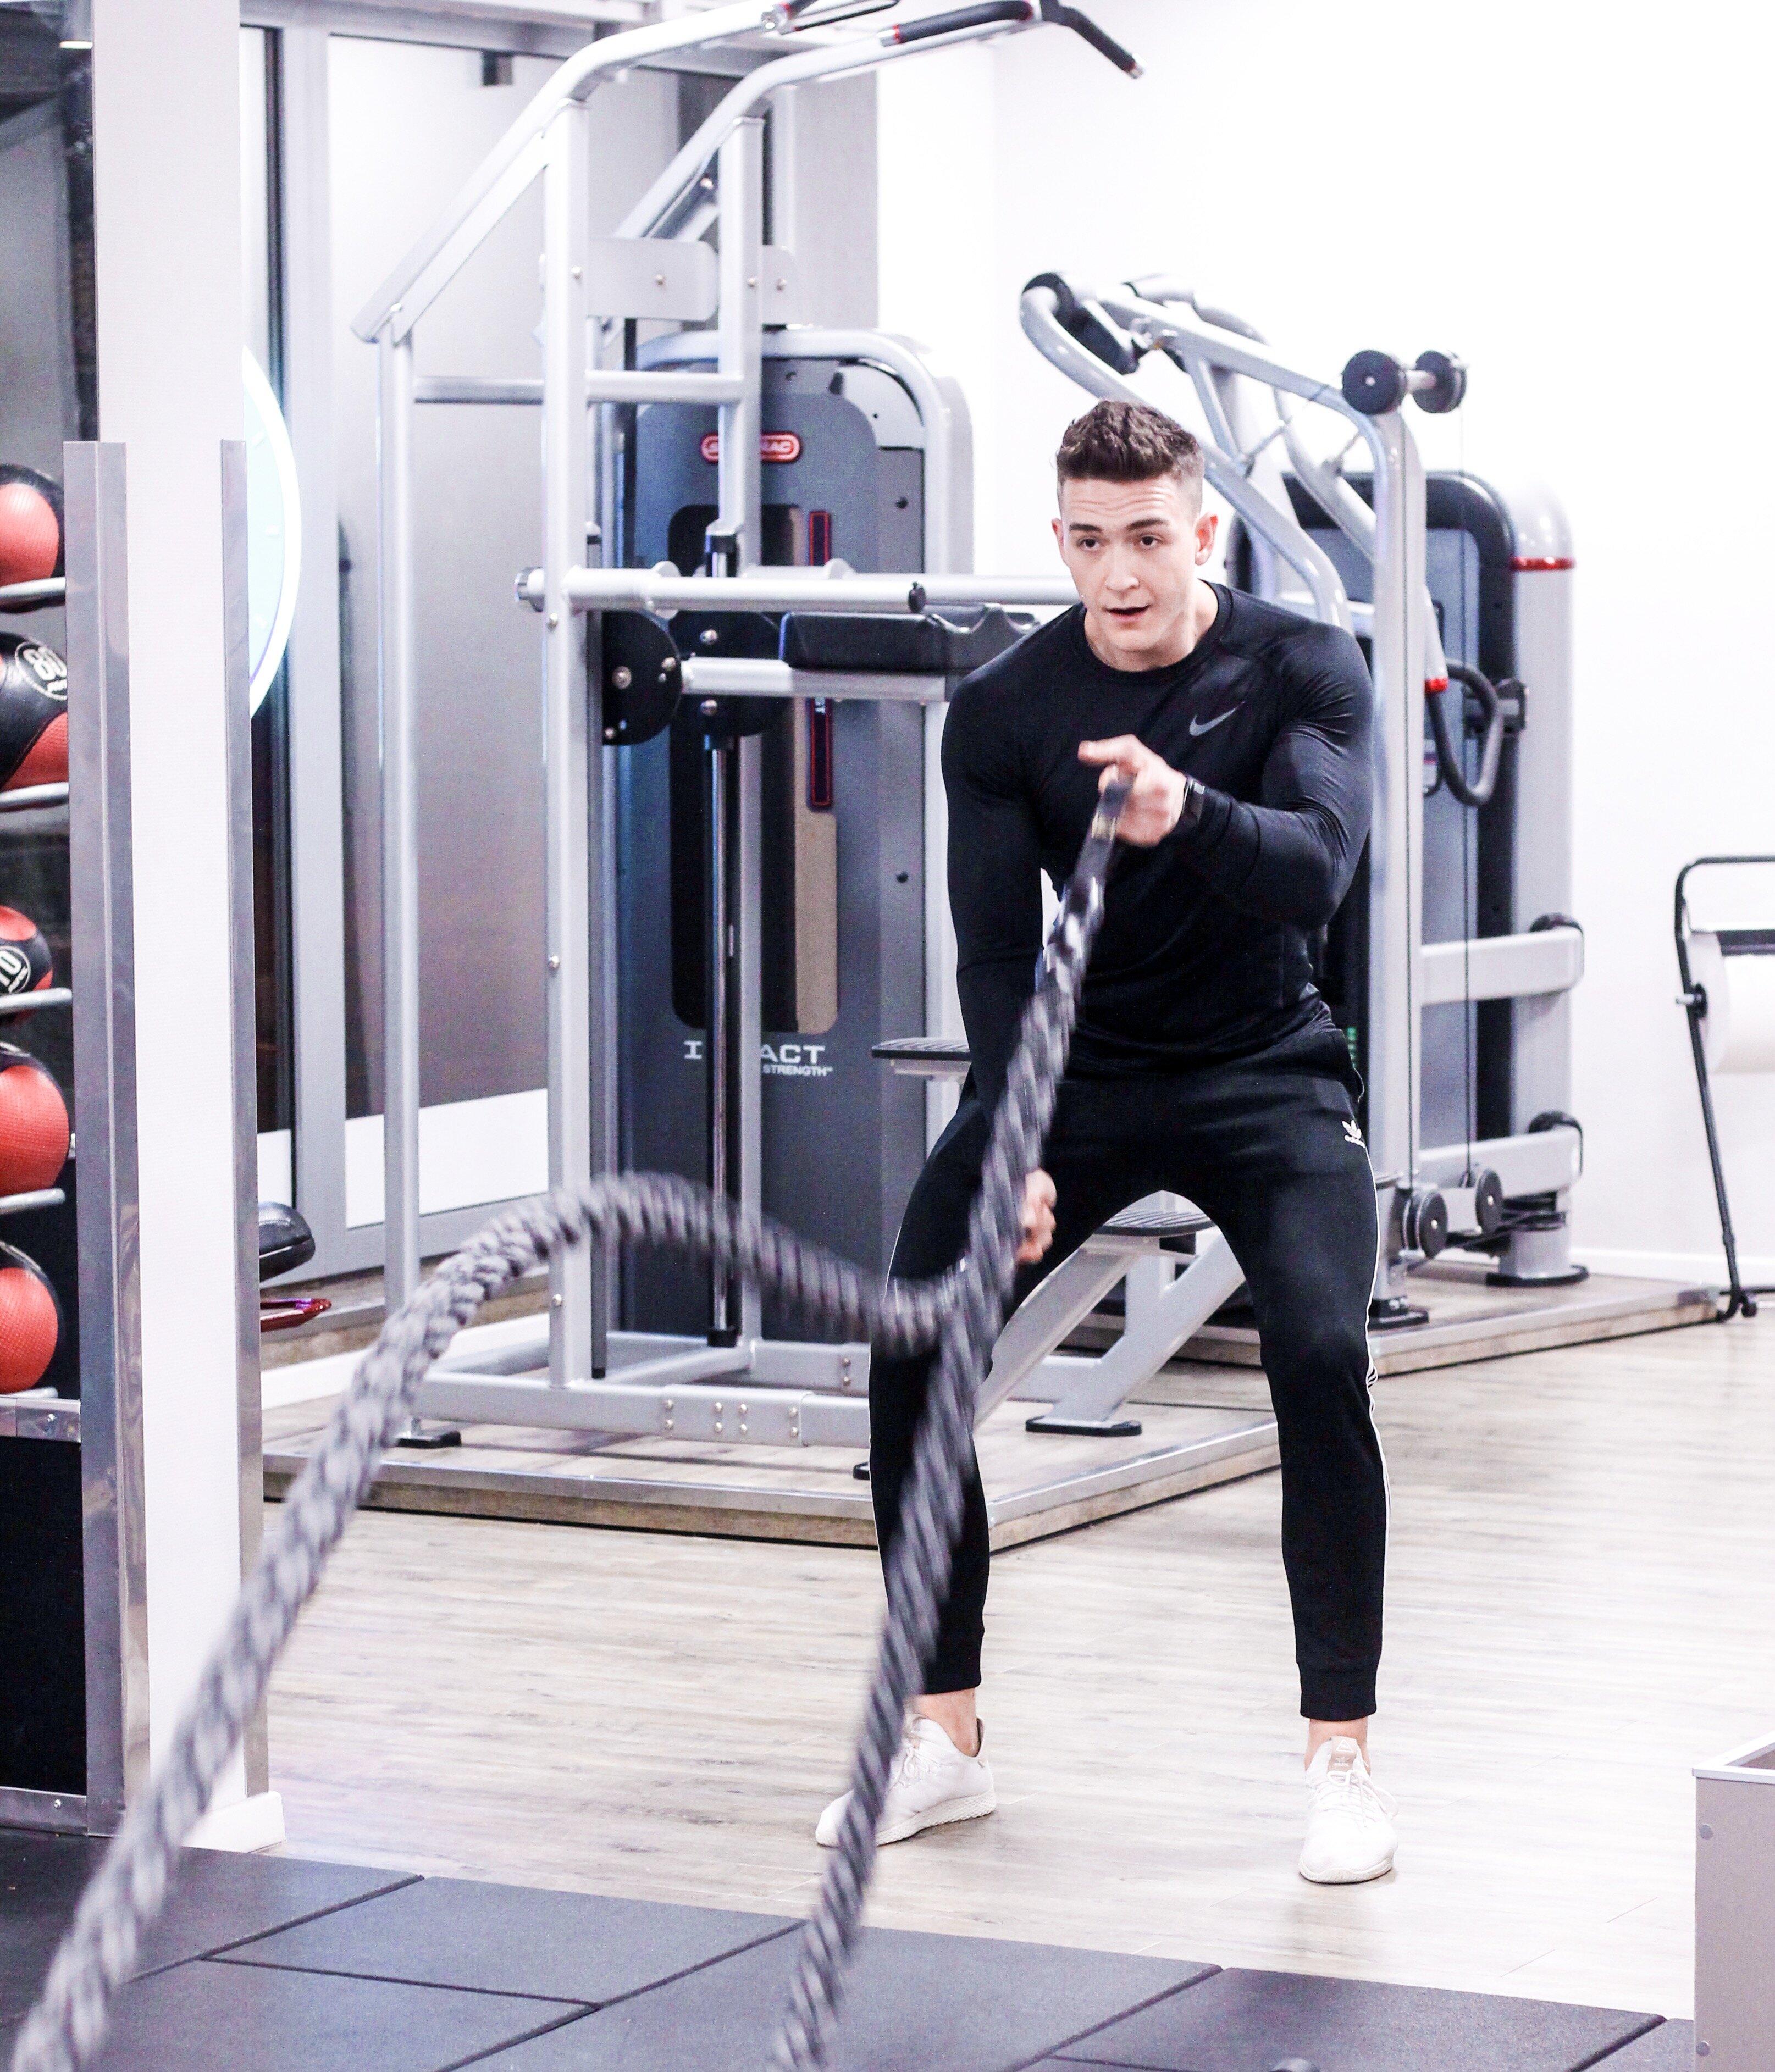 Trening wydolnościowy może zawierać ćwiczenia z battle rope